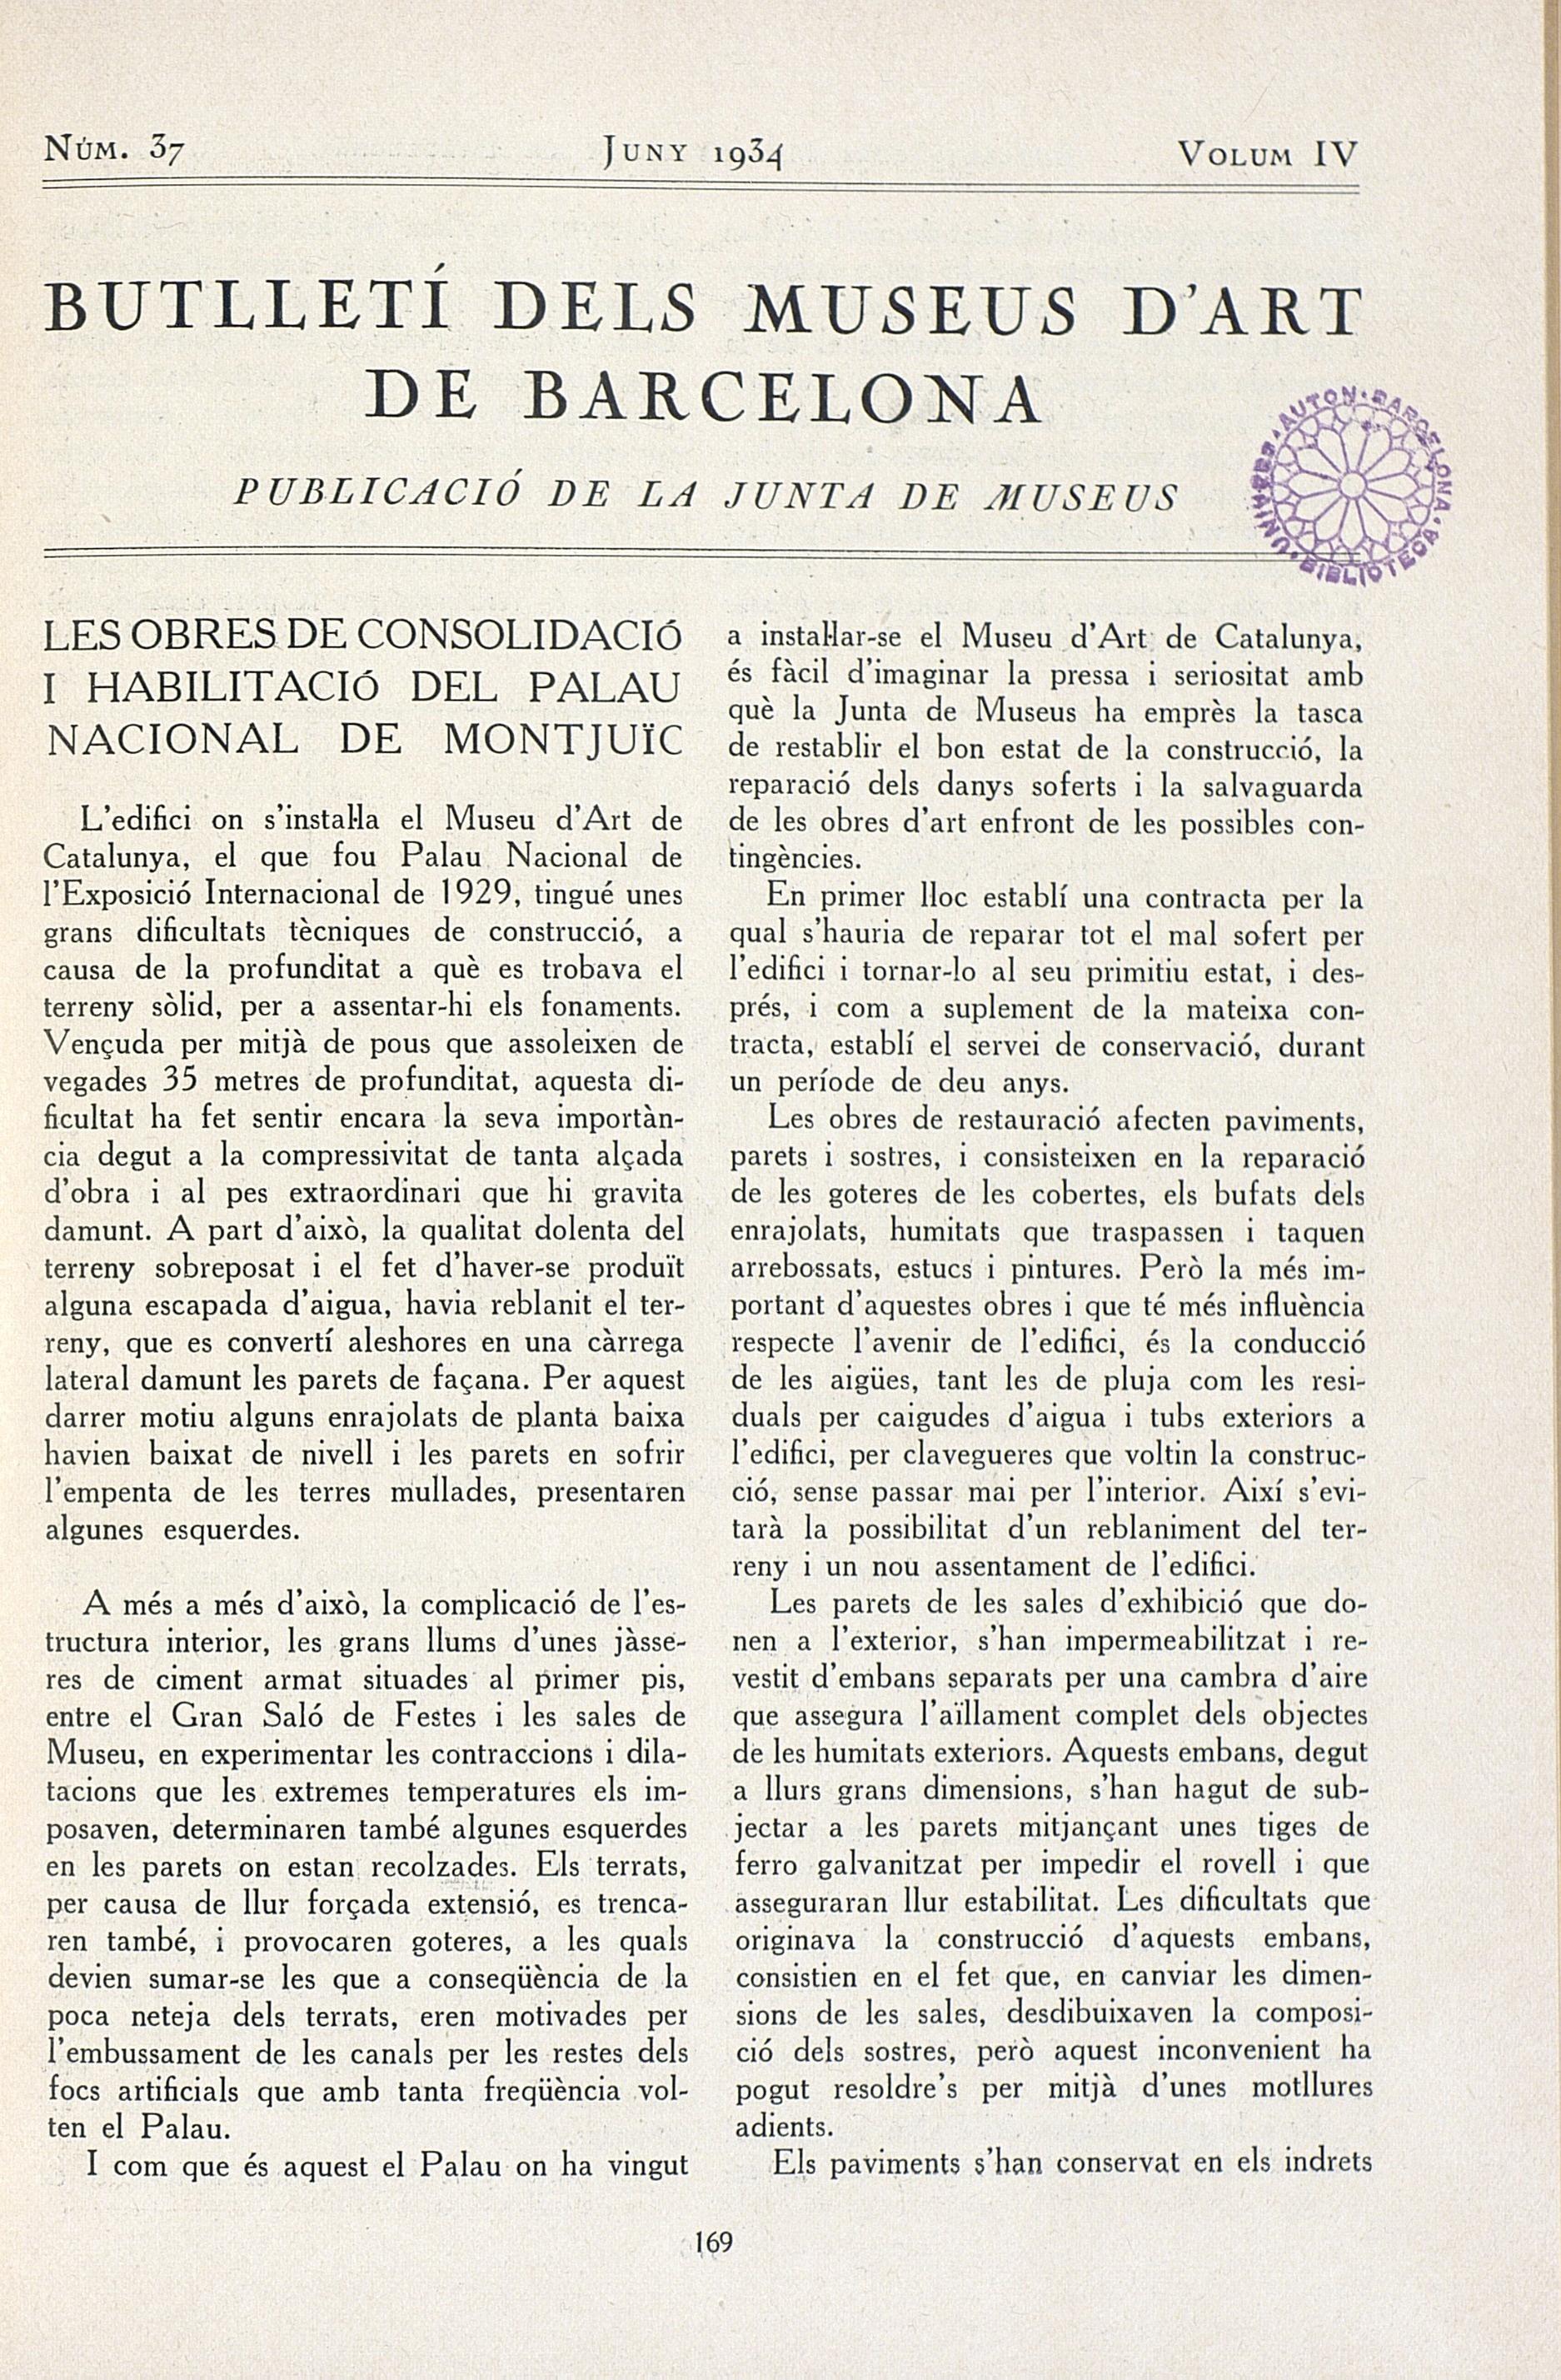 Vol. 4, núm. 37 (juny 1934)